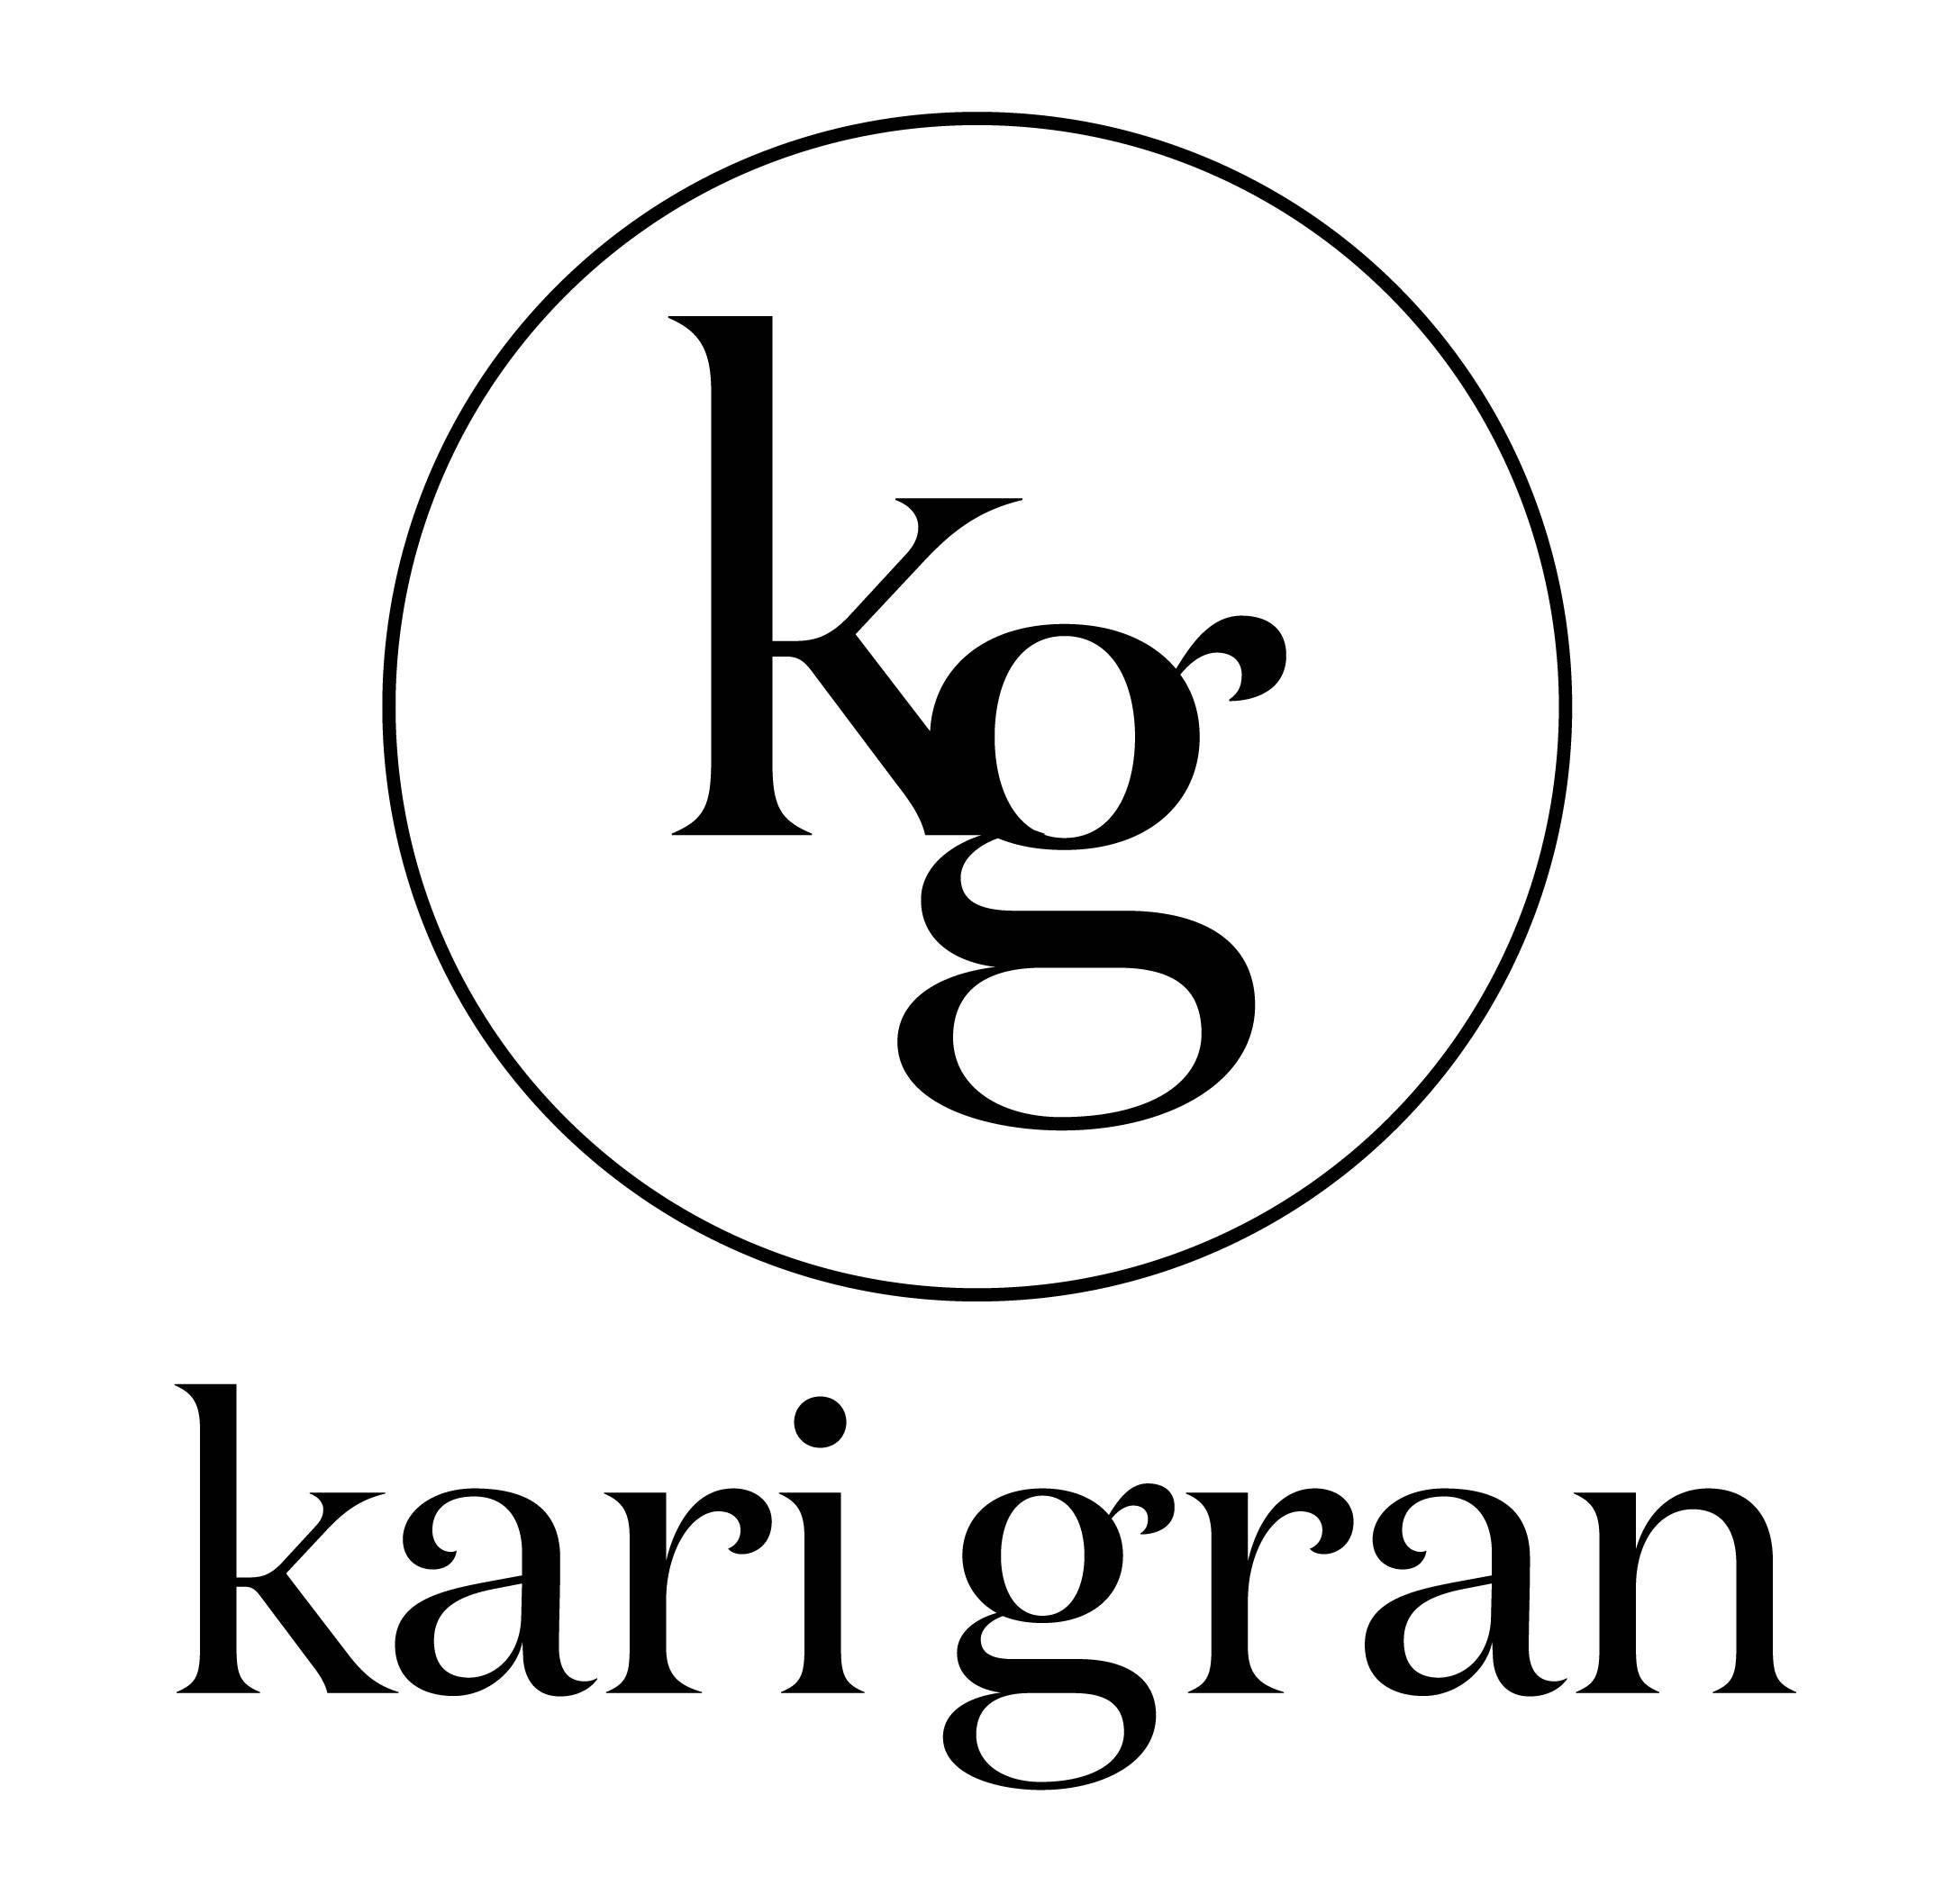 KARI GRAN